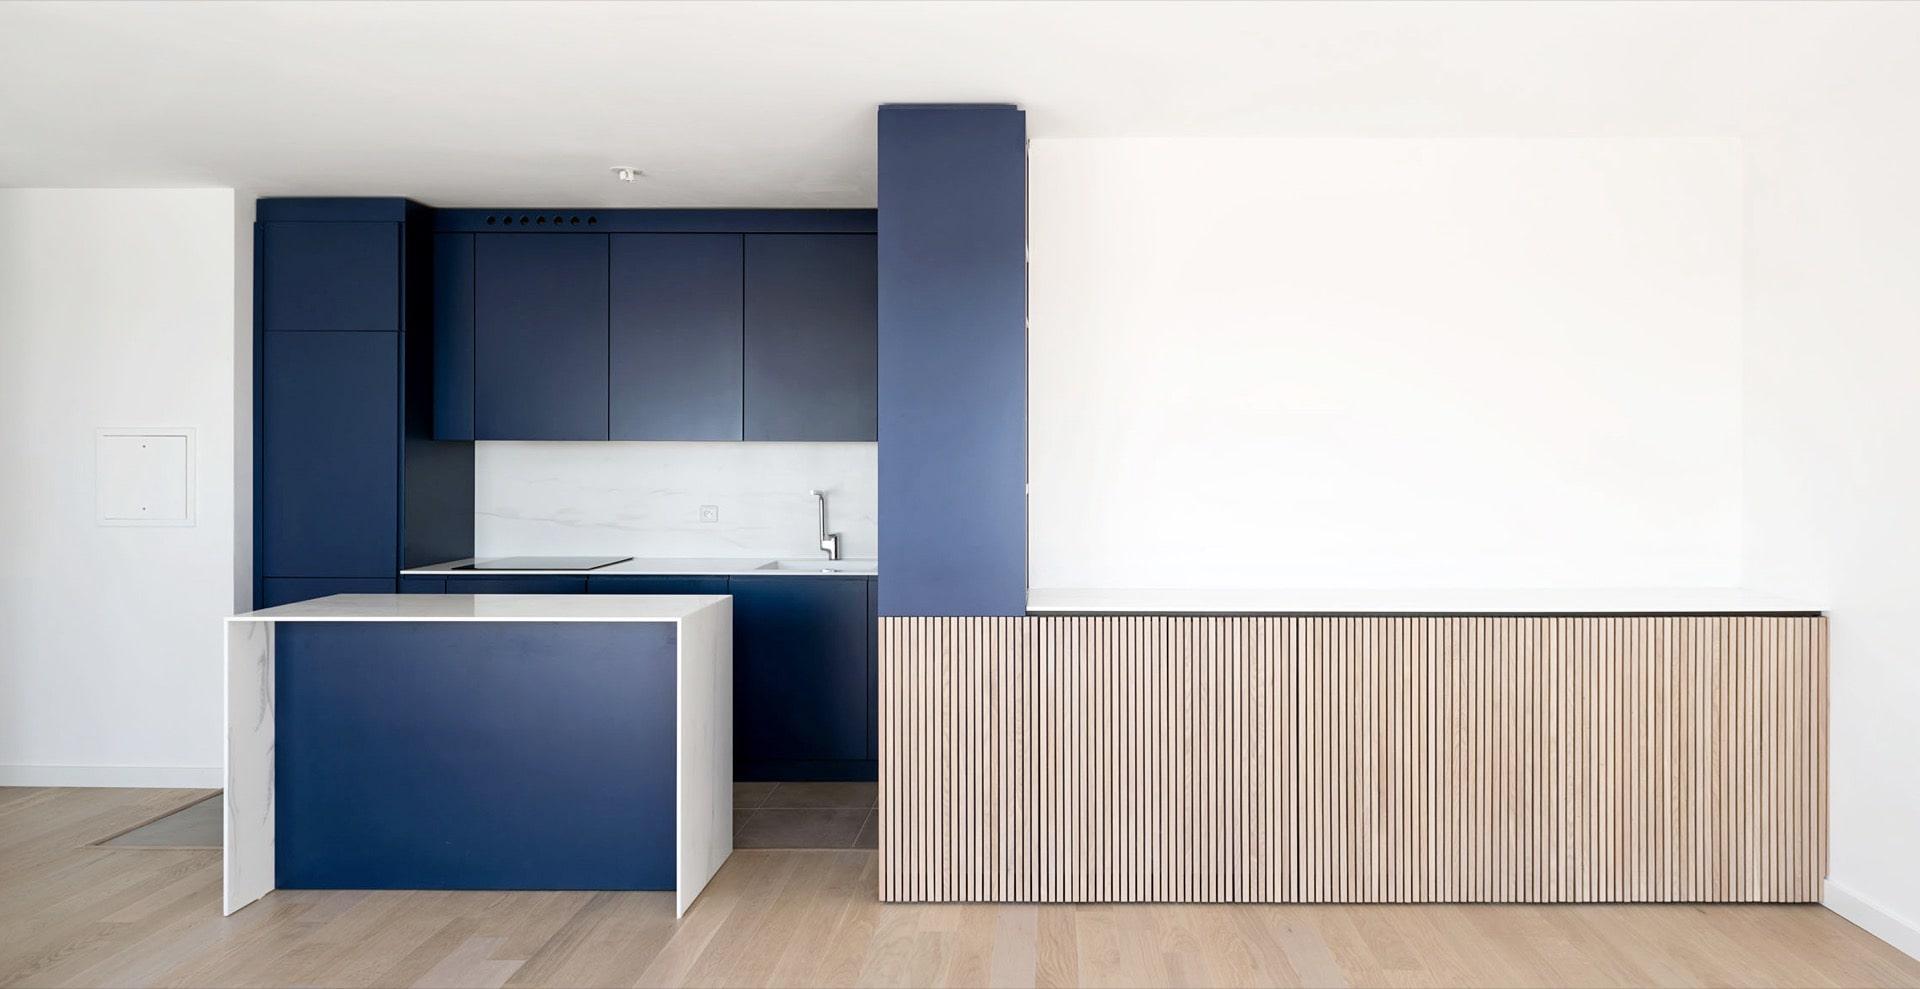 Appartement avec couleurs bleu et blanc - Atelier Soo